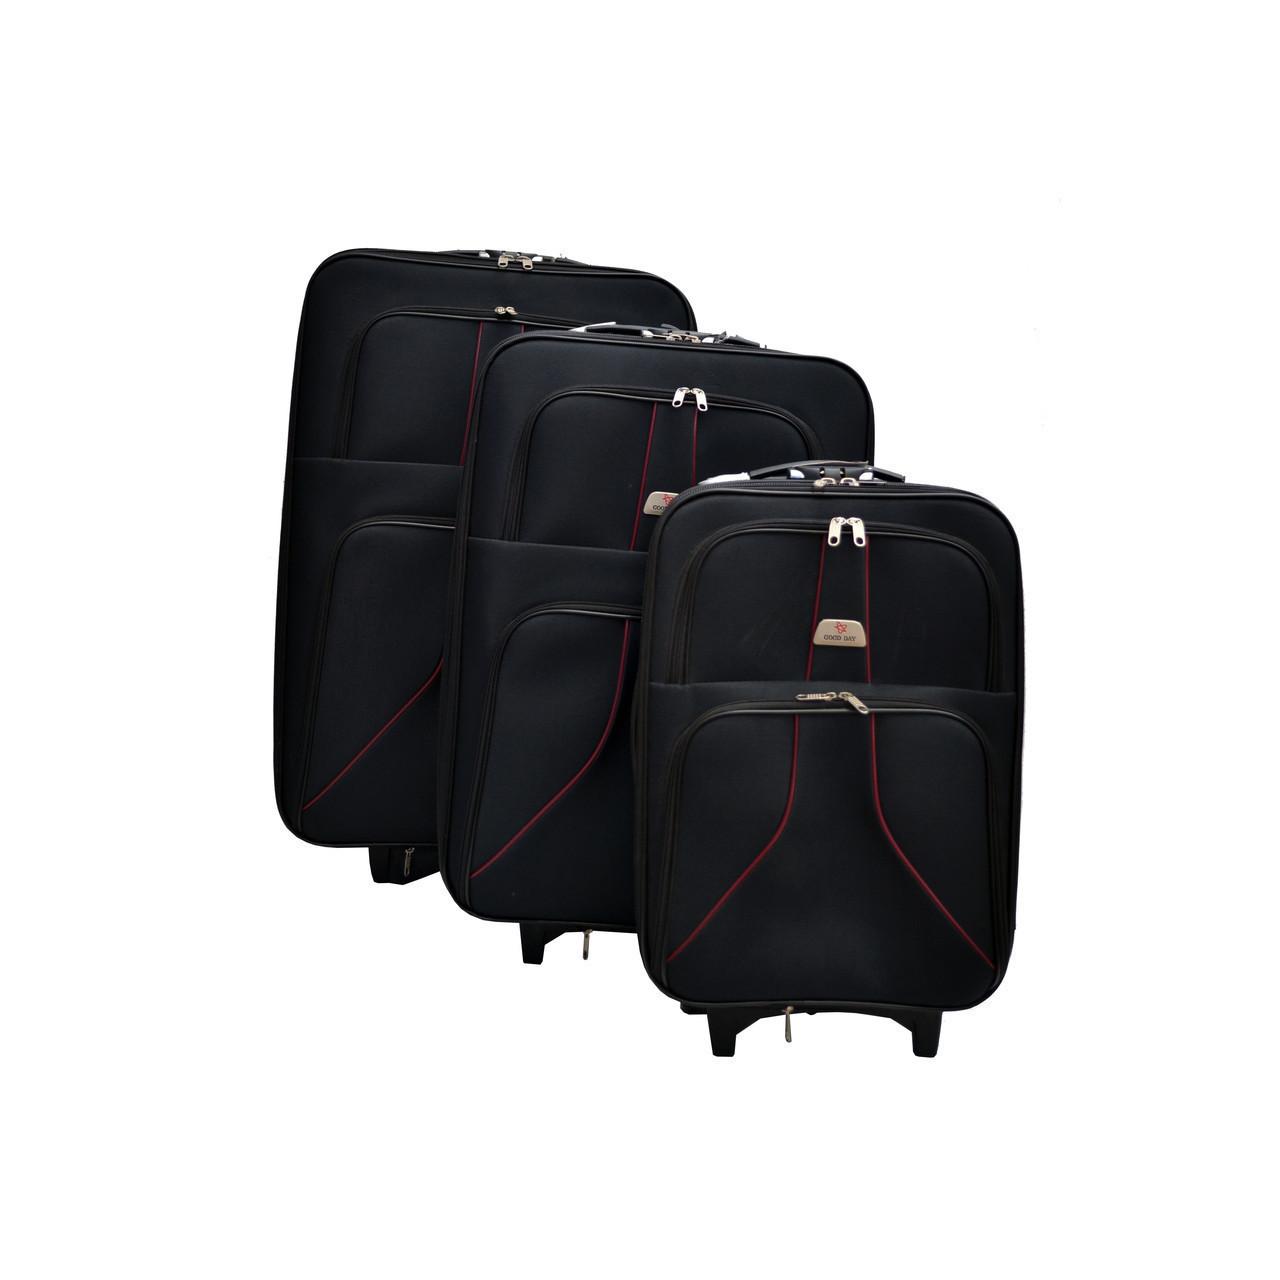 Дорожный чемодан на колесах  размеры: 68 см х 48 см х 23+5 см